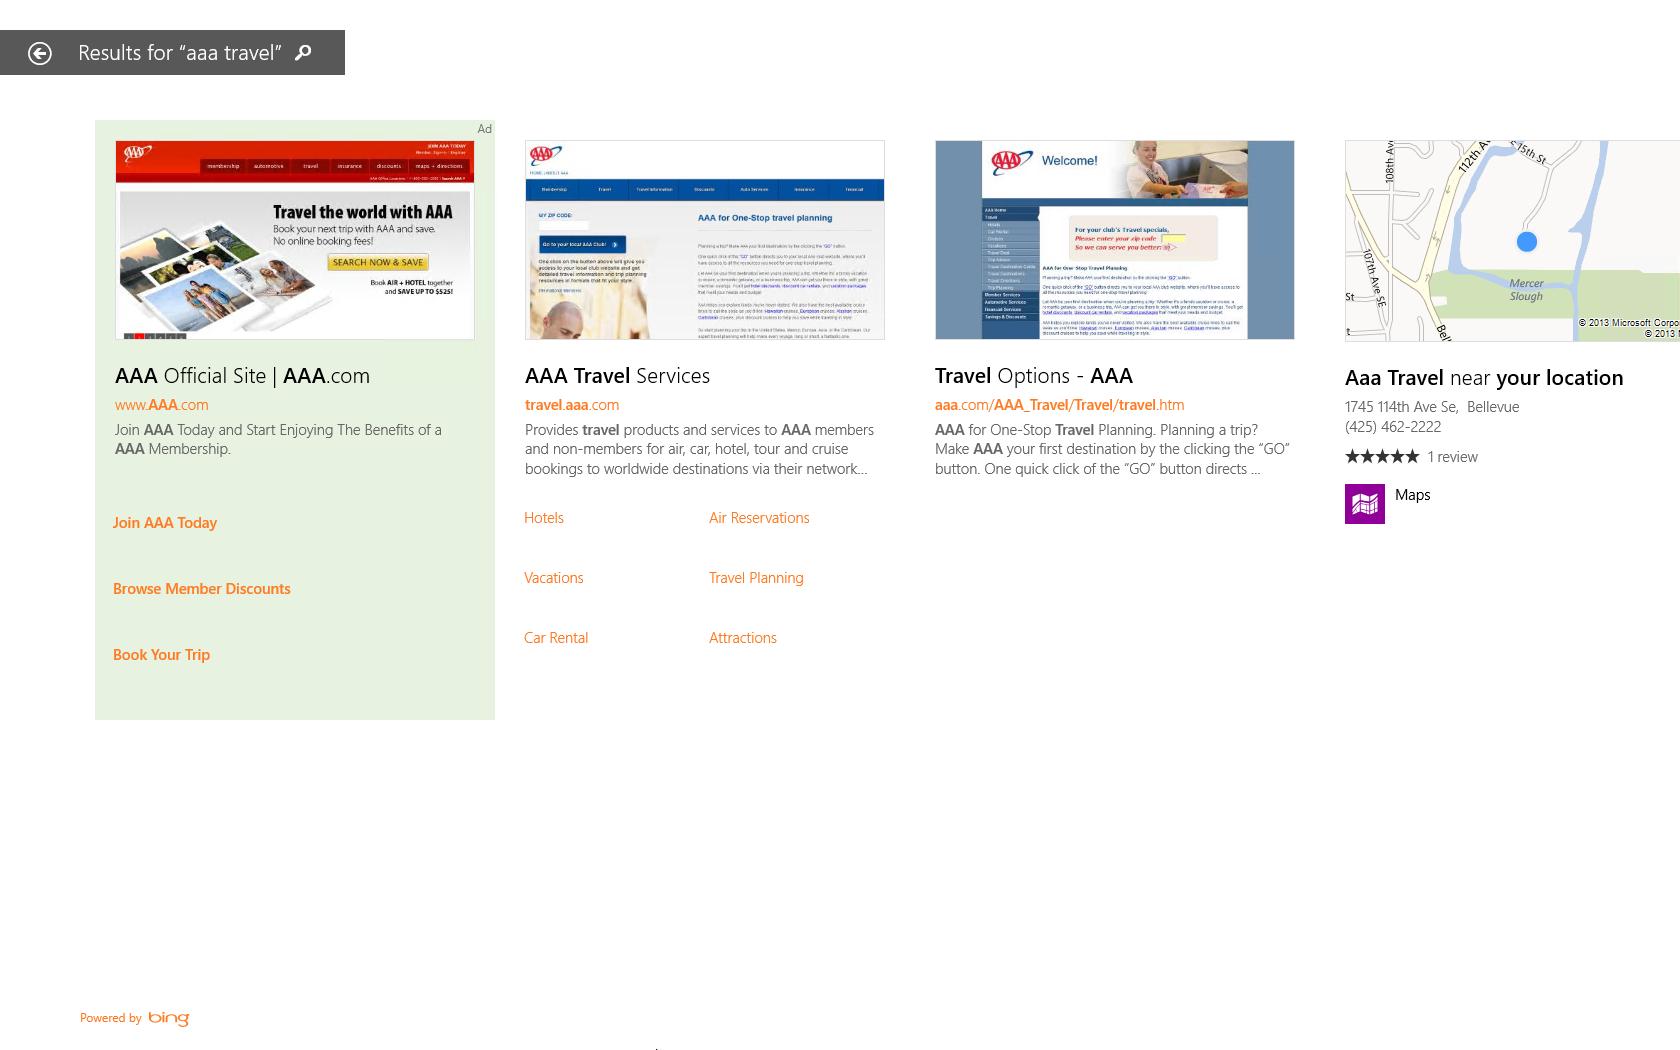 In die Suche von  Windows 8.1 wird Werbung eingebaut